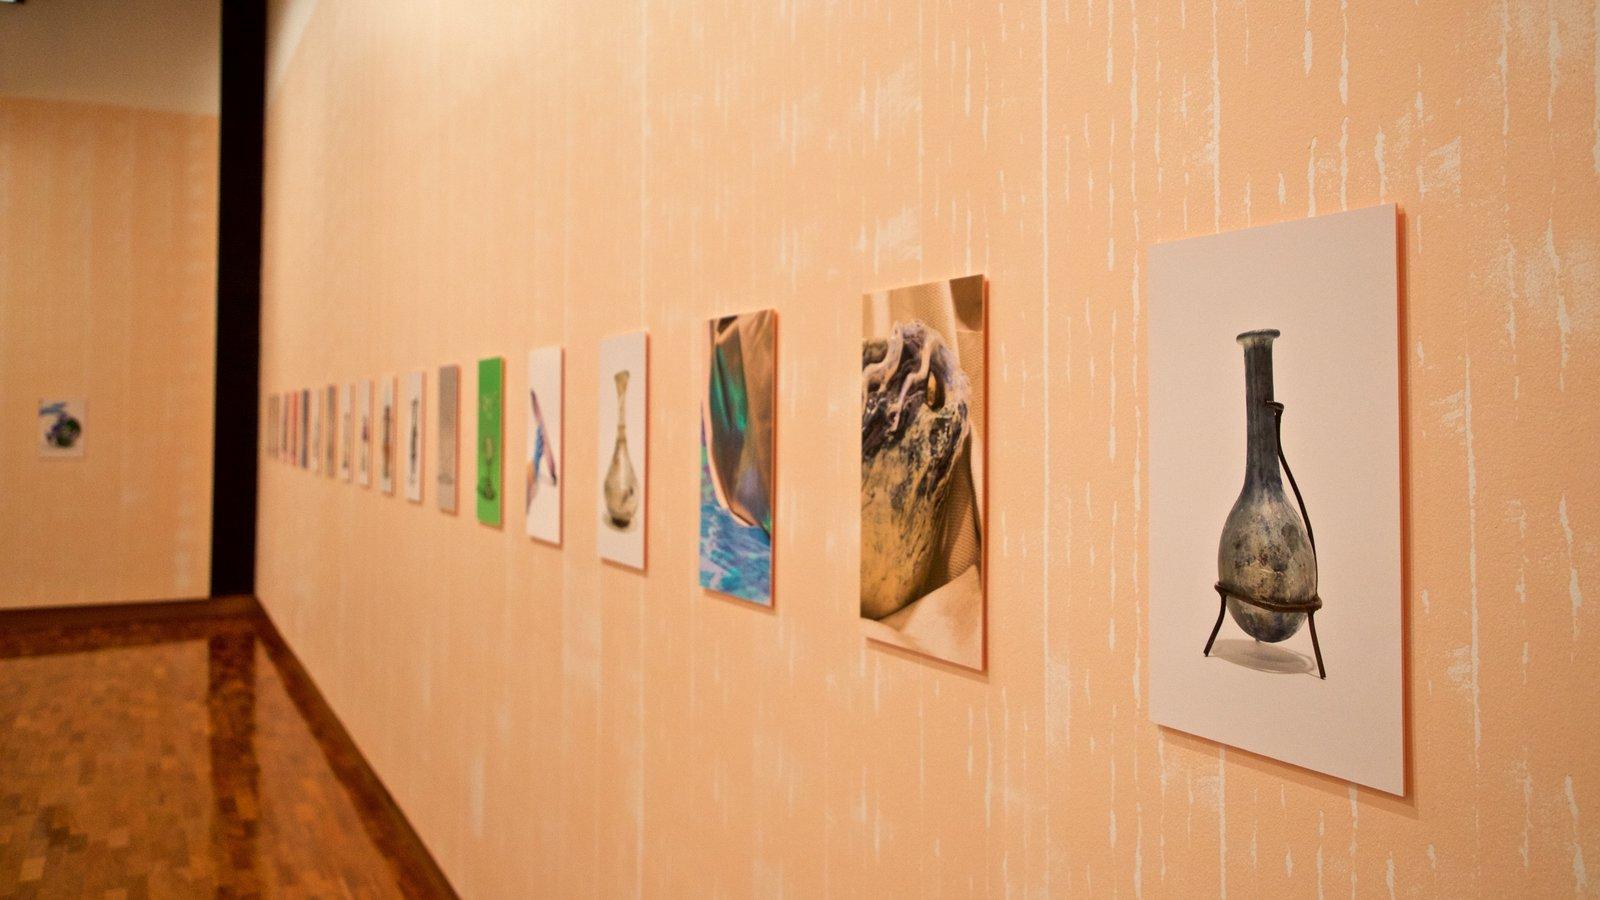 Museo de arte Ian Potter ofreciendo vistas interiores y arte